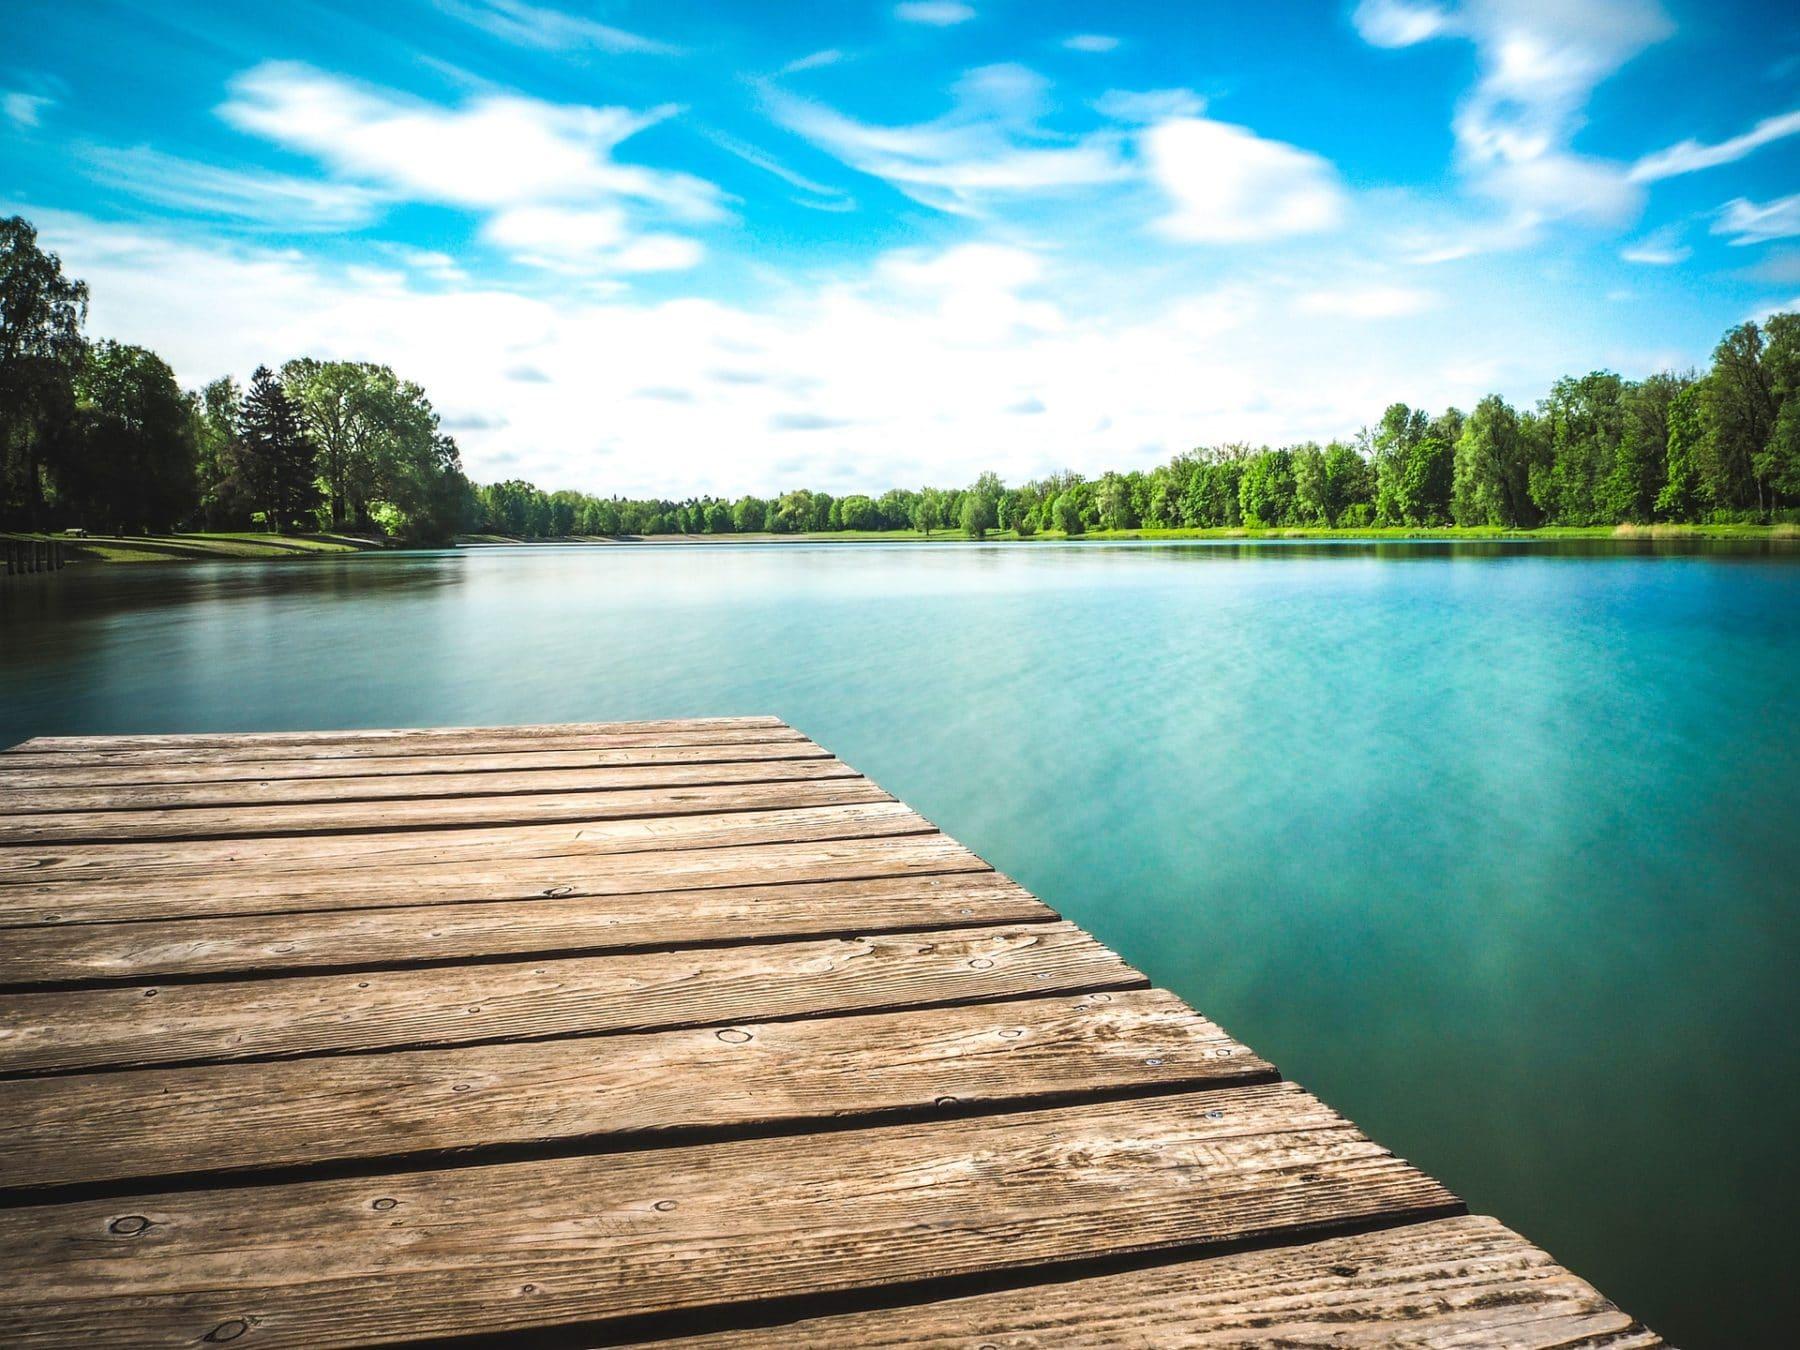 Blick auf einen baumgesäumten See